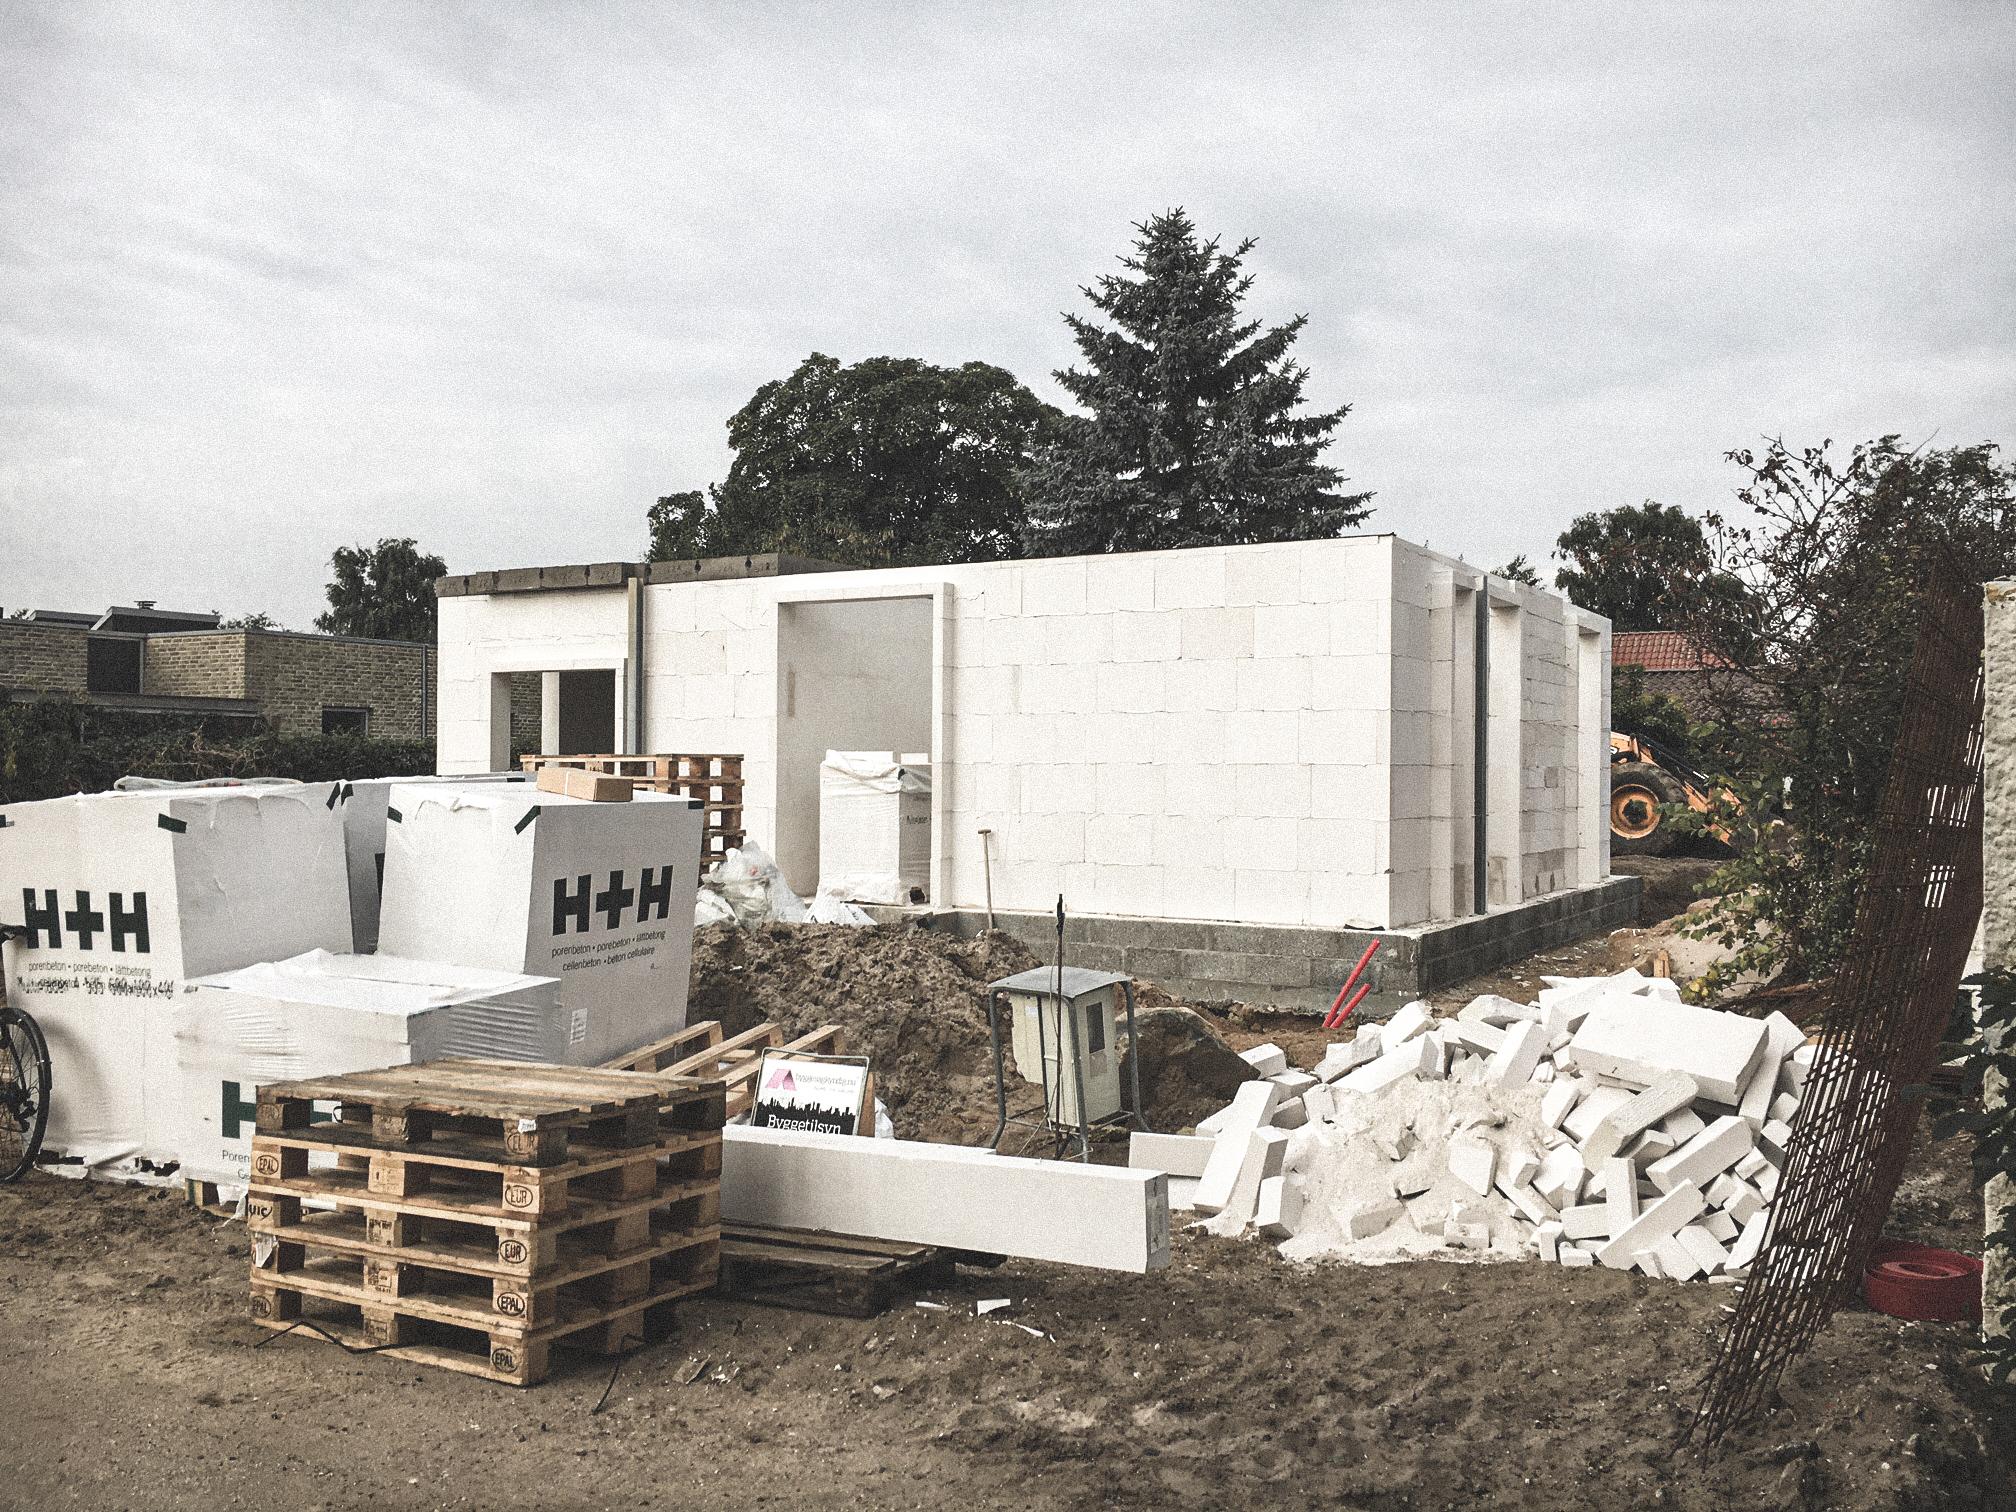 Billede af et igangværende byggeri i Risskov, tegnet af arkitektfirmaet m2plus.